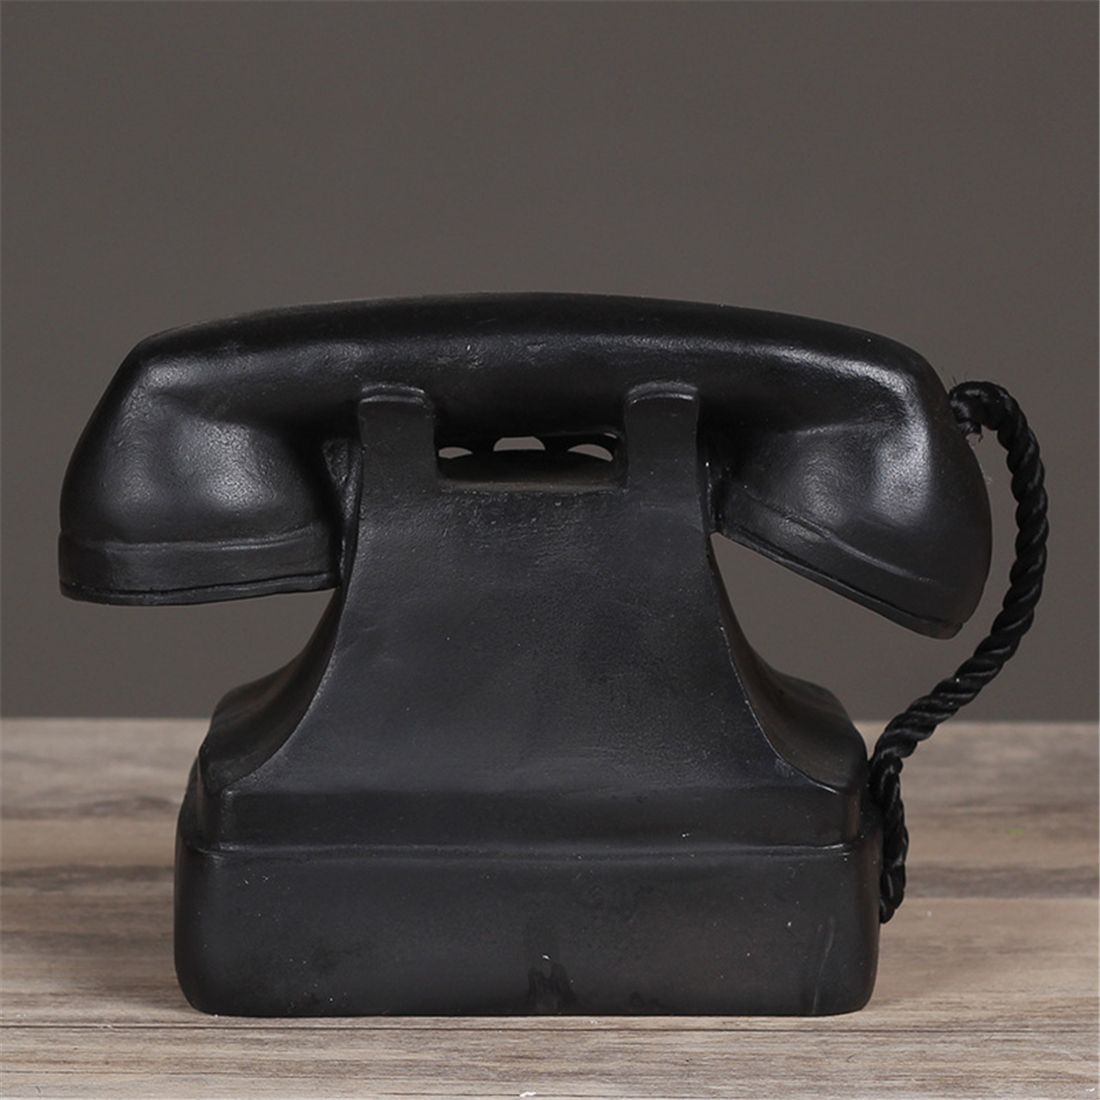 Adornos de artesanía de resina Retro para fotografía utilería retro sucio para hacer el viejo teléfono de línea fija decoración de muebles de oficina